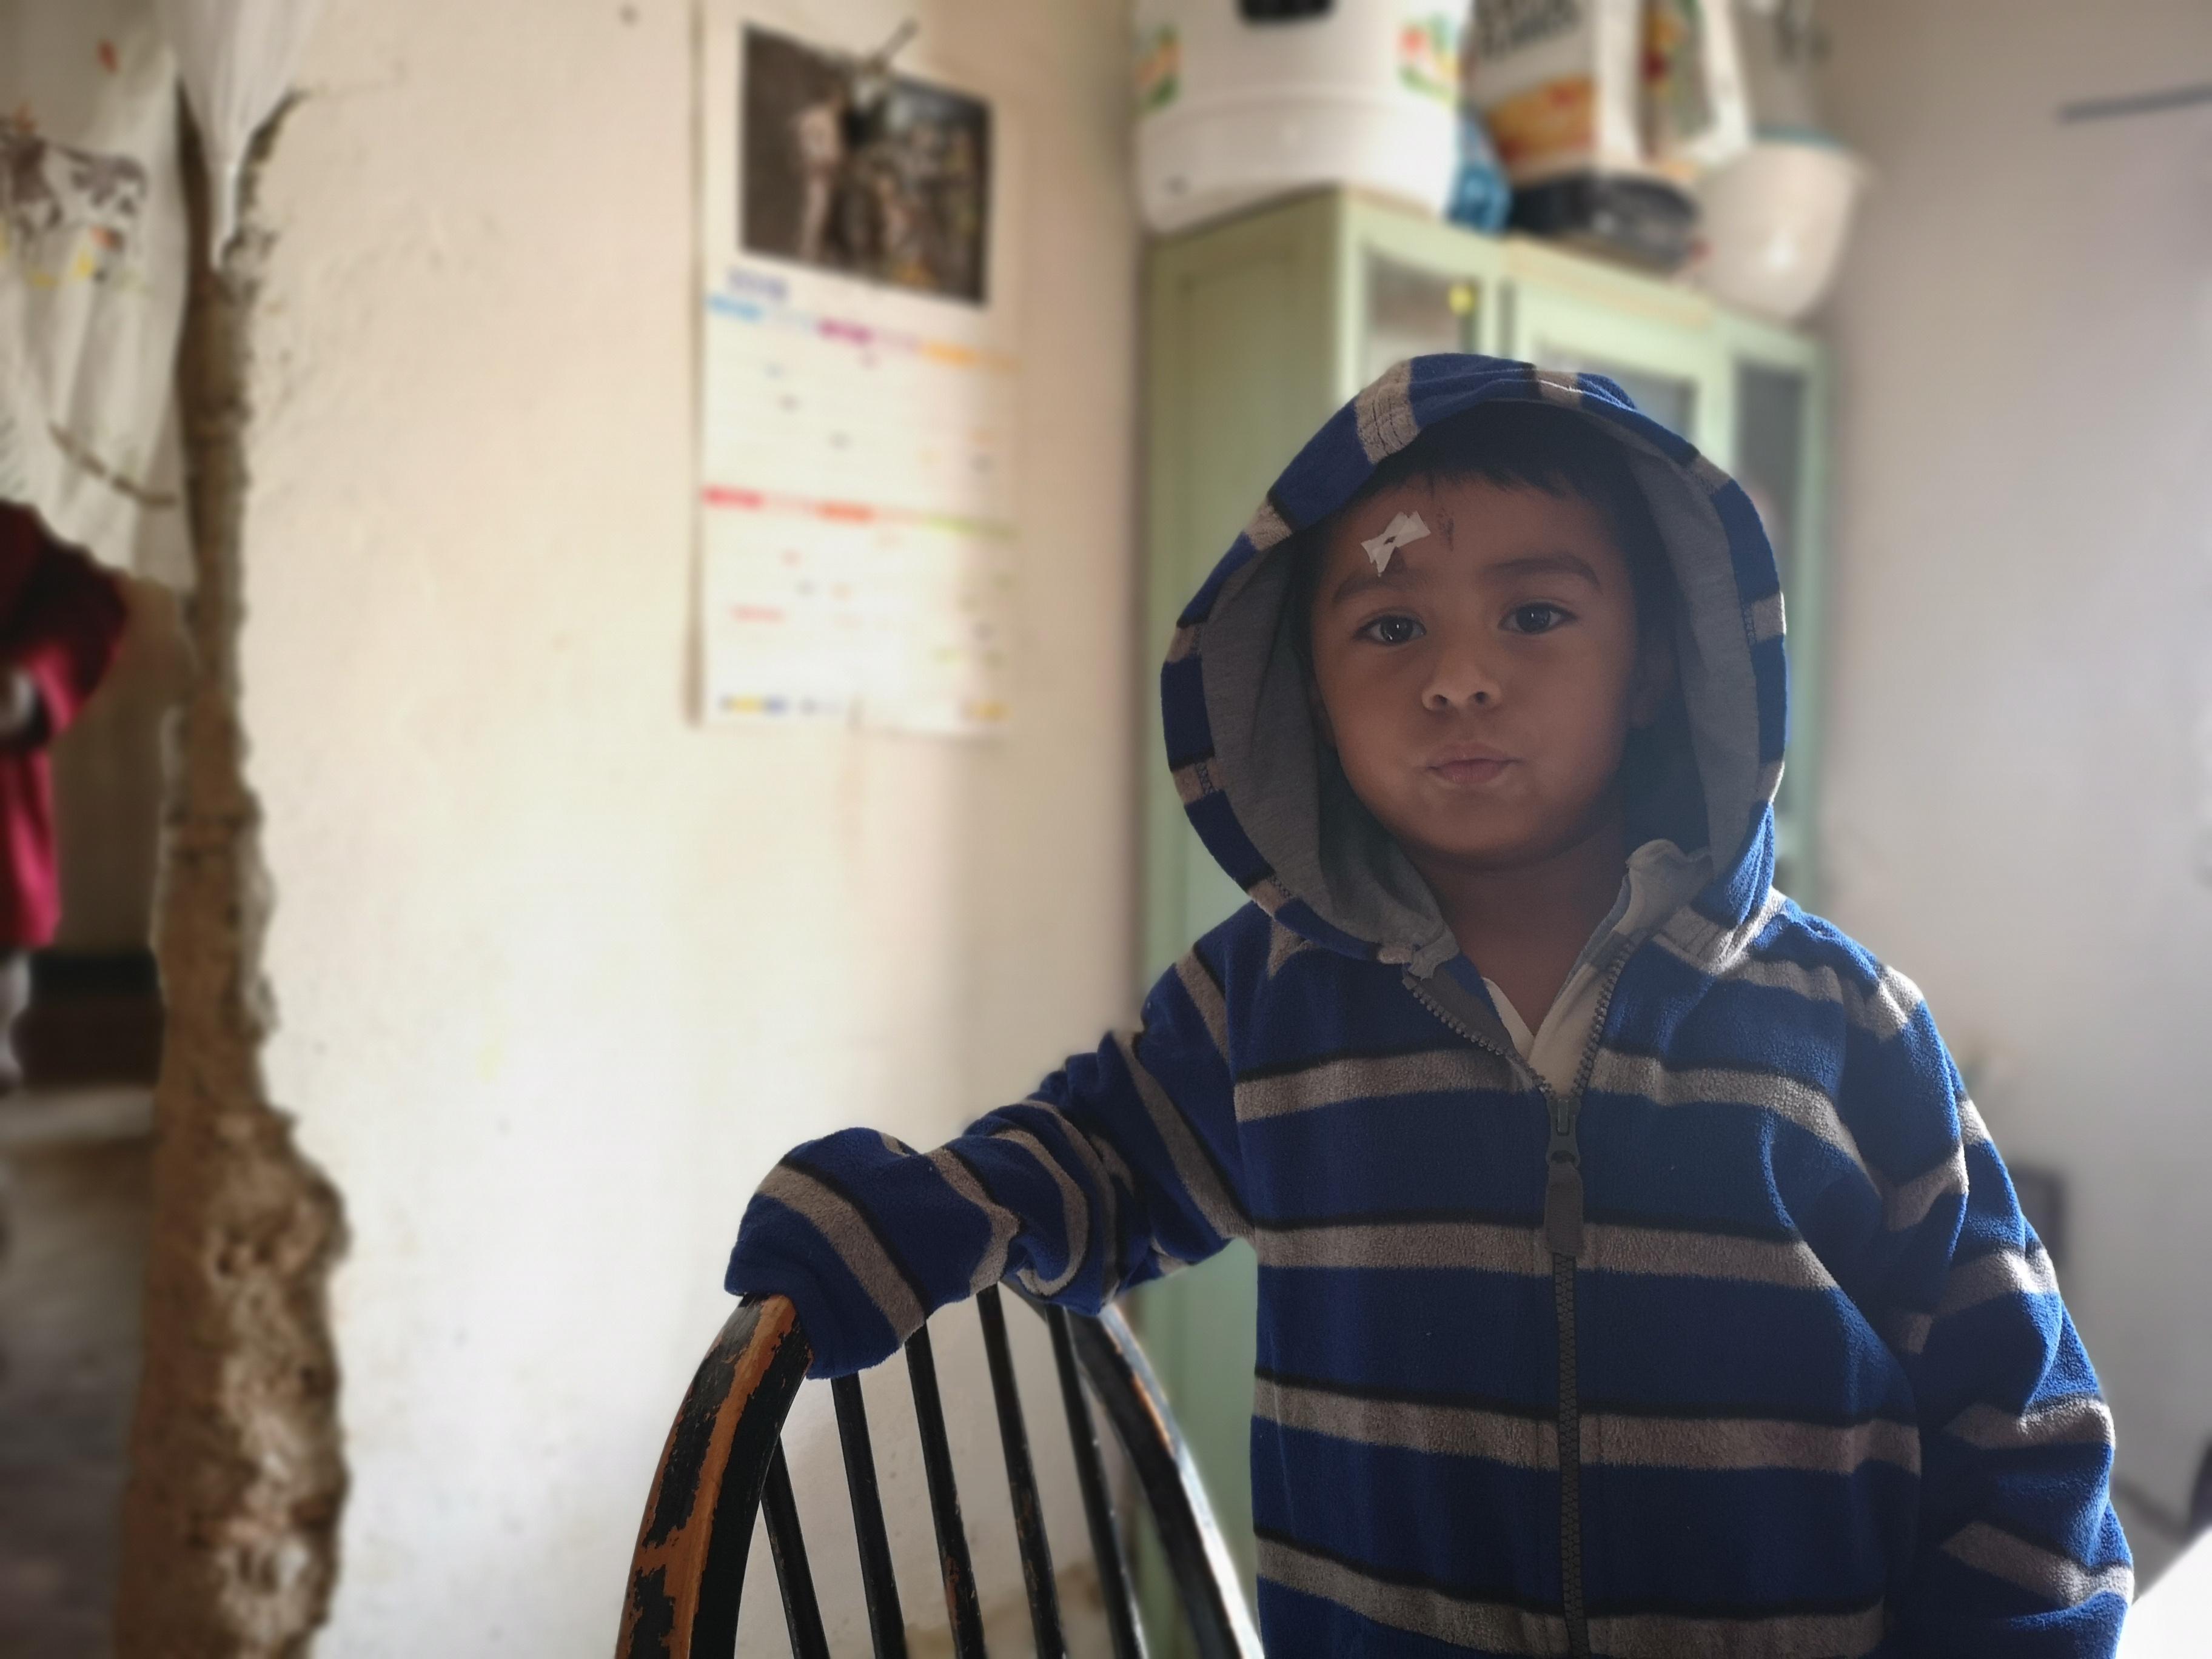 Ein etwa 4-jähriger Junge aus einer Gemeinde nahe der Kupfermineg leidet an einer Hautkrankheit, wie man an Wunden auf seiner Stirn sieht.